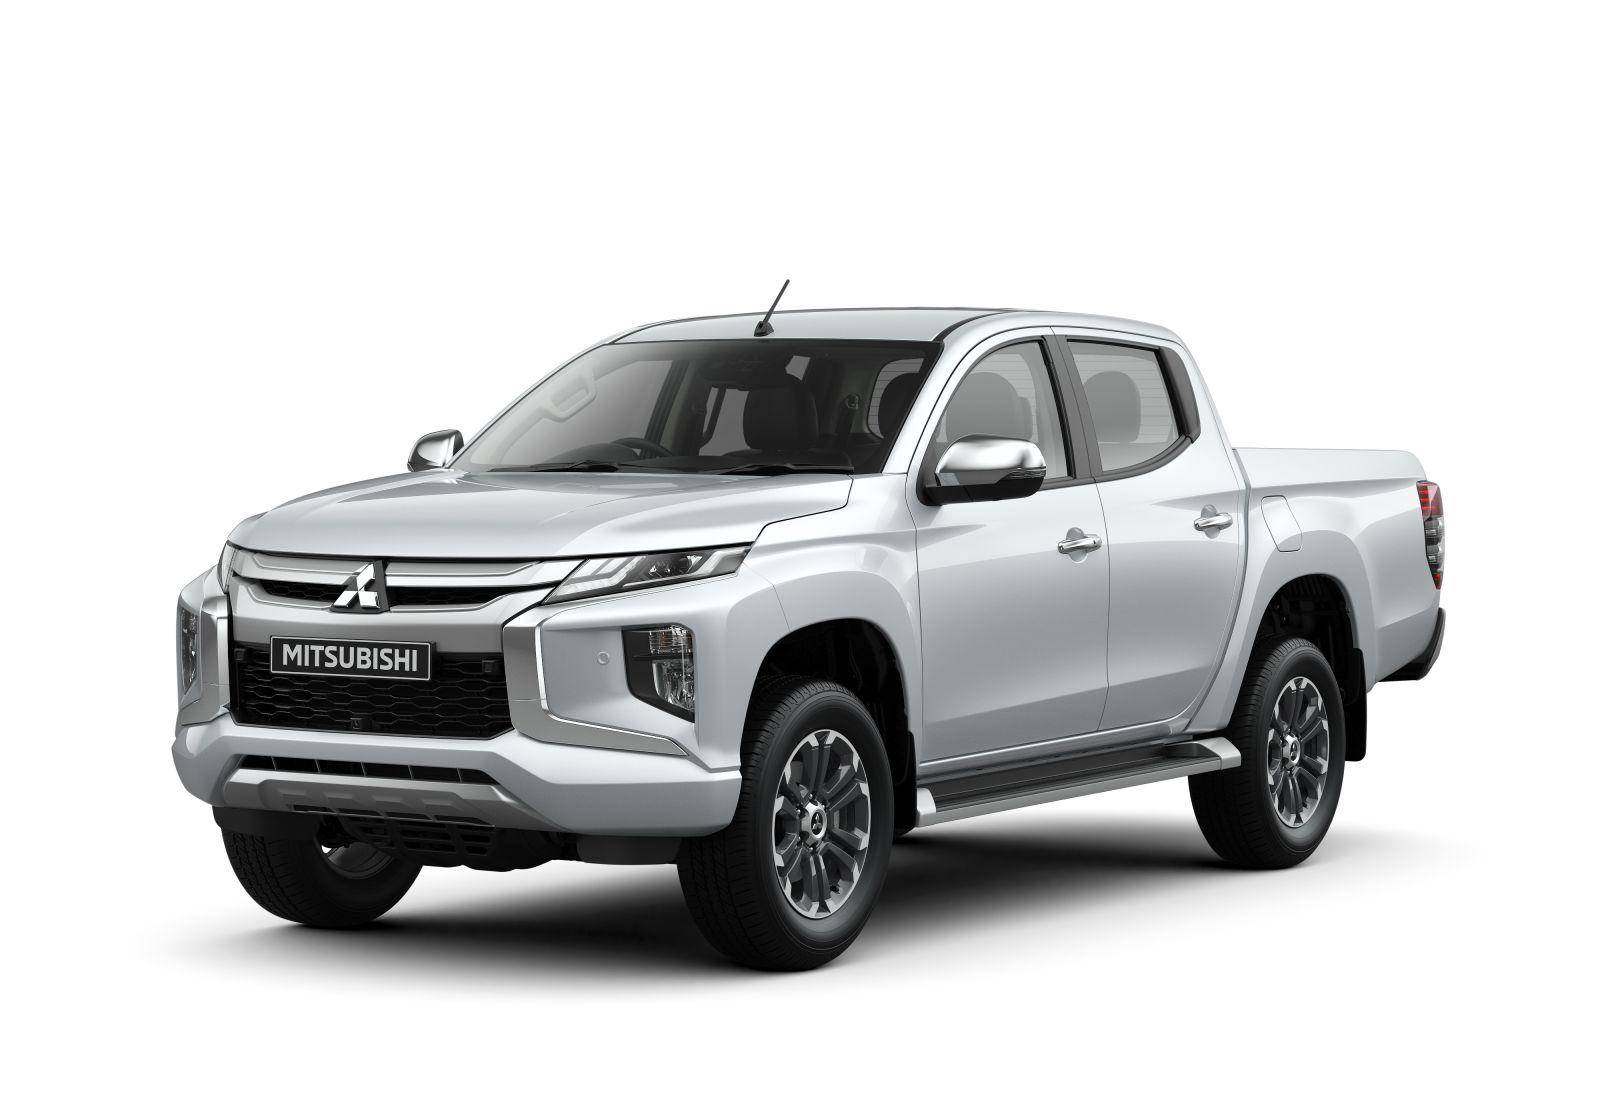 New Mitsubishi Triton 2018